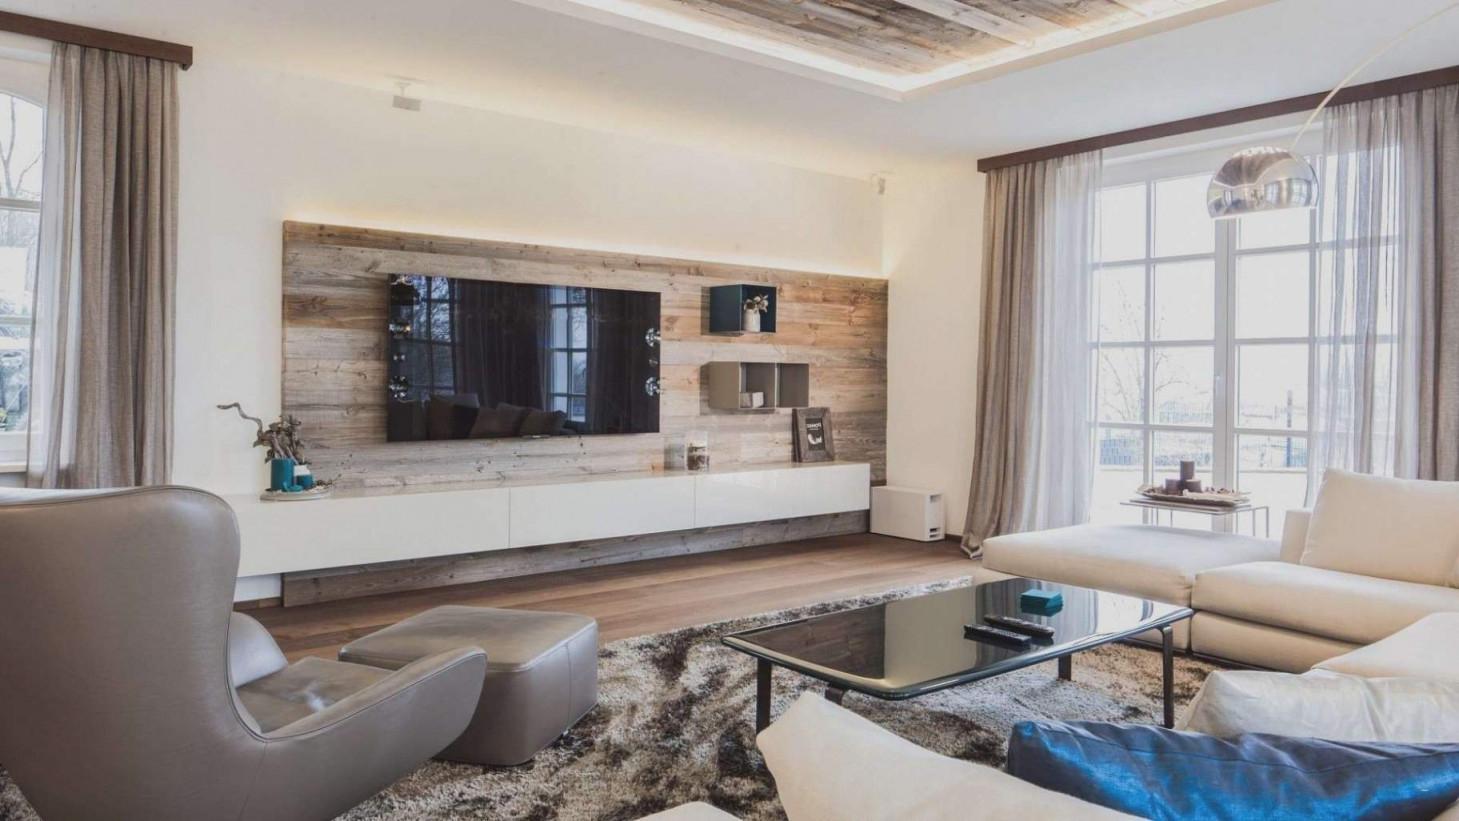 Großes Wohnzimmer Einrichten  Wohnzimmer Modern Einrichten von Großes Wohnzimmer Einrichten Photo